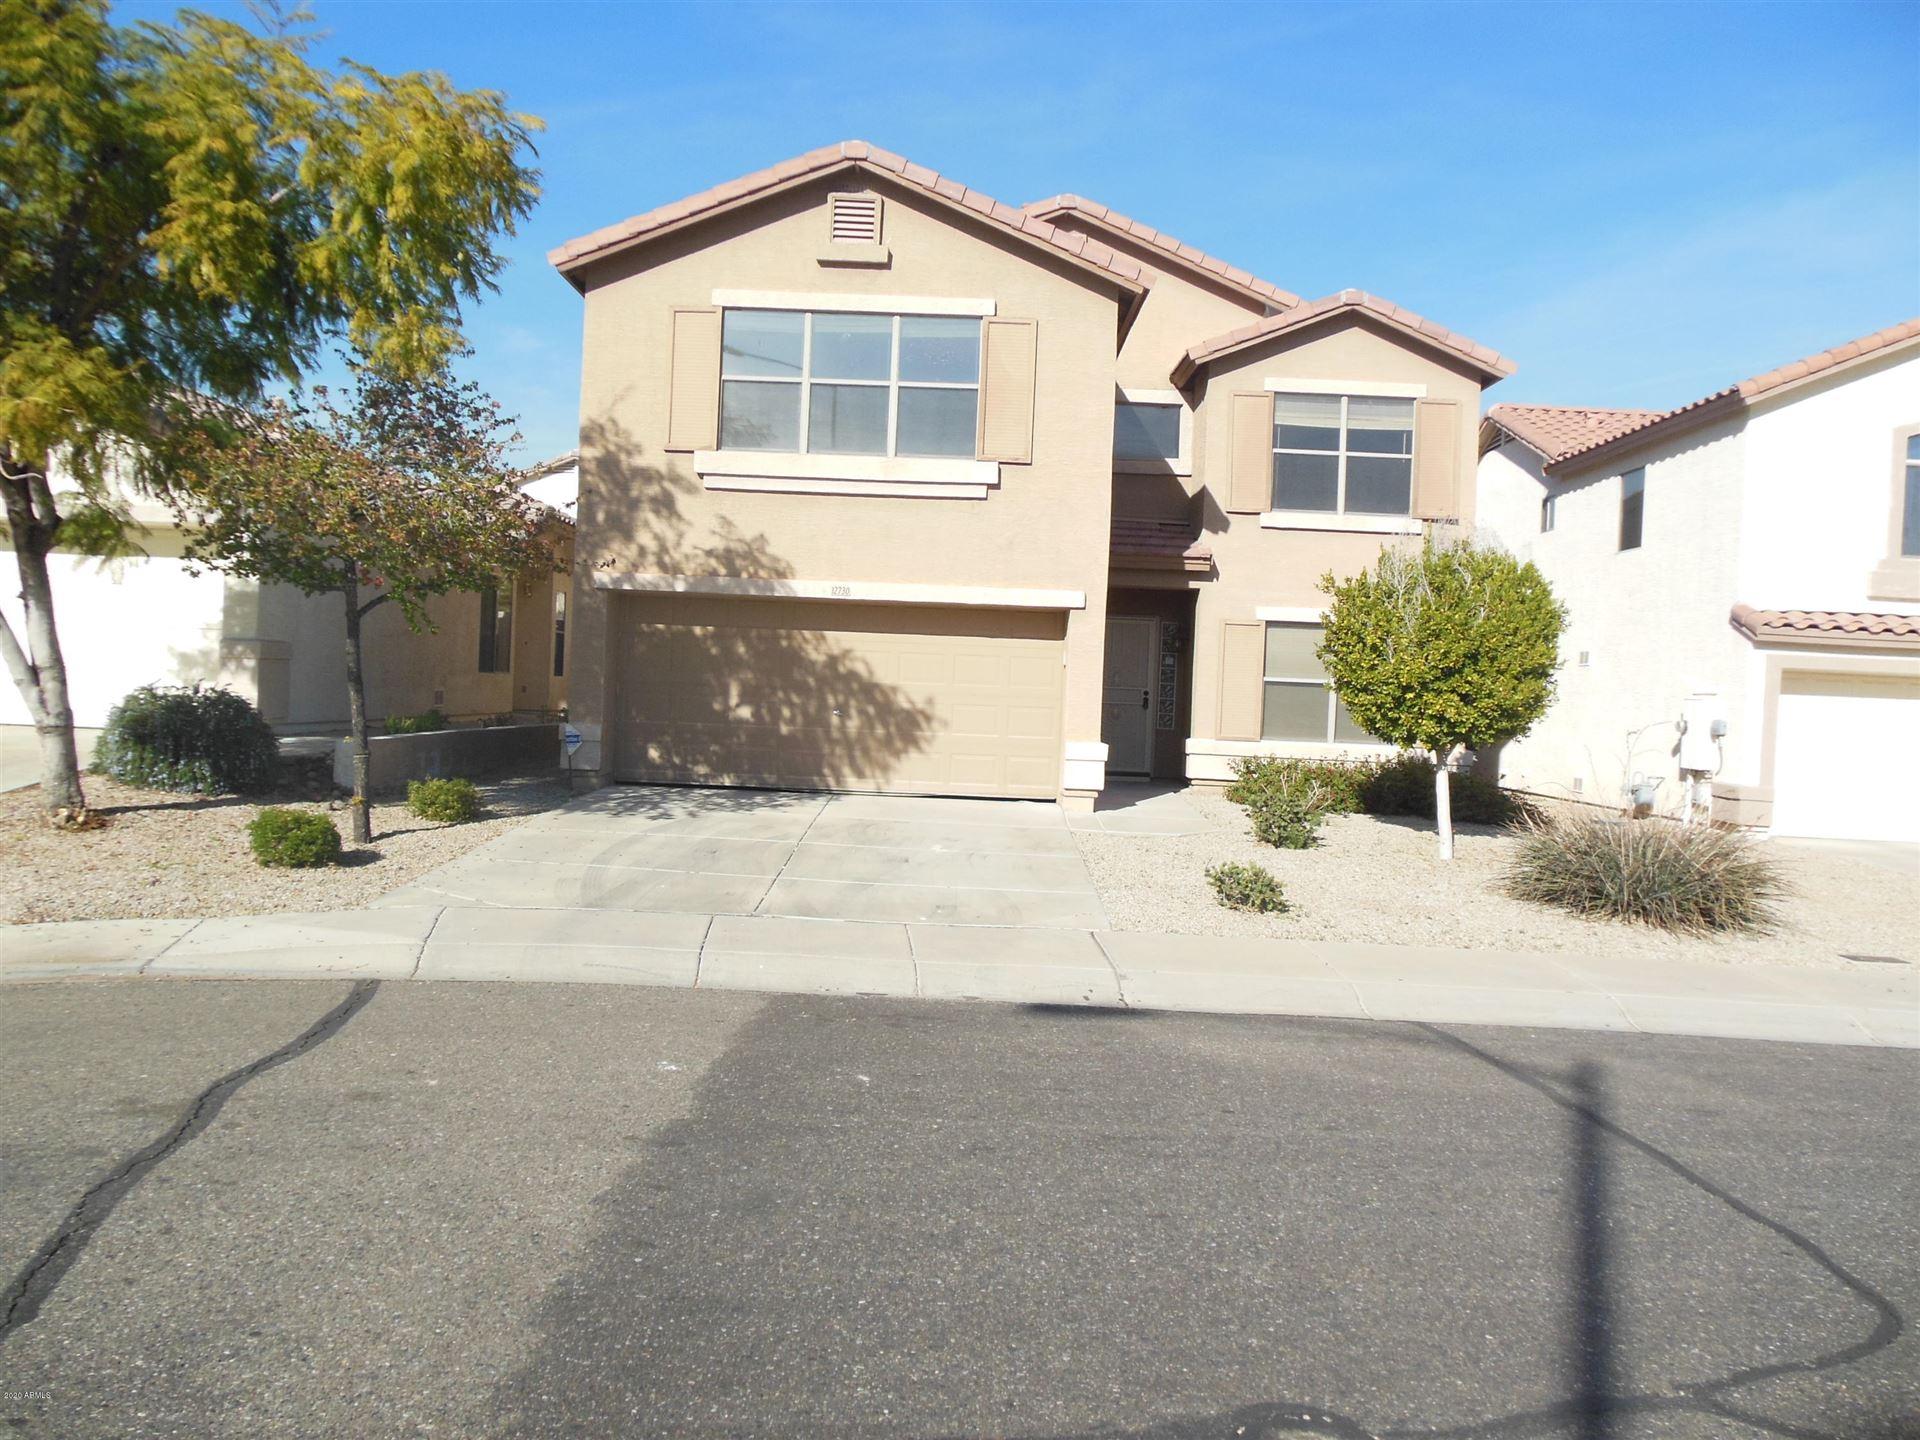 Photo of 12730 W DESERT ROSE Road, Avondale, AZ 85392 (MLS # 6306172)